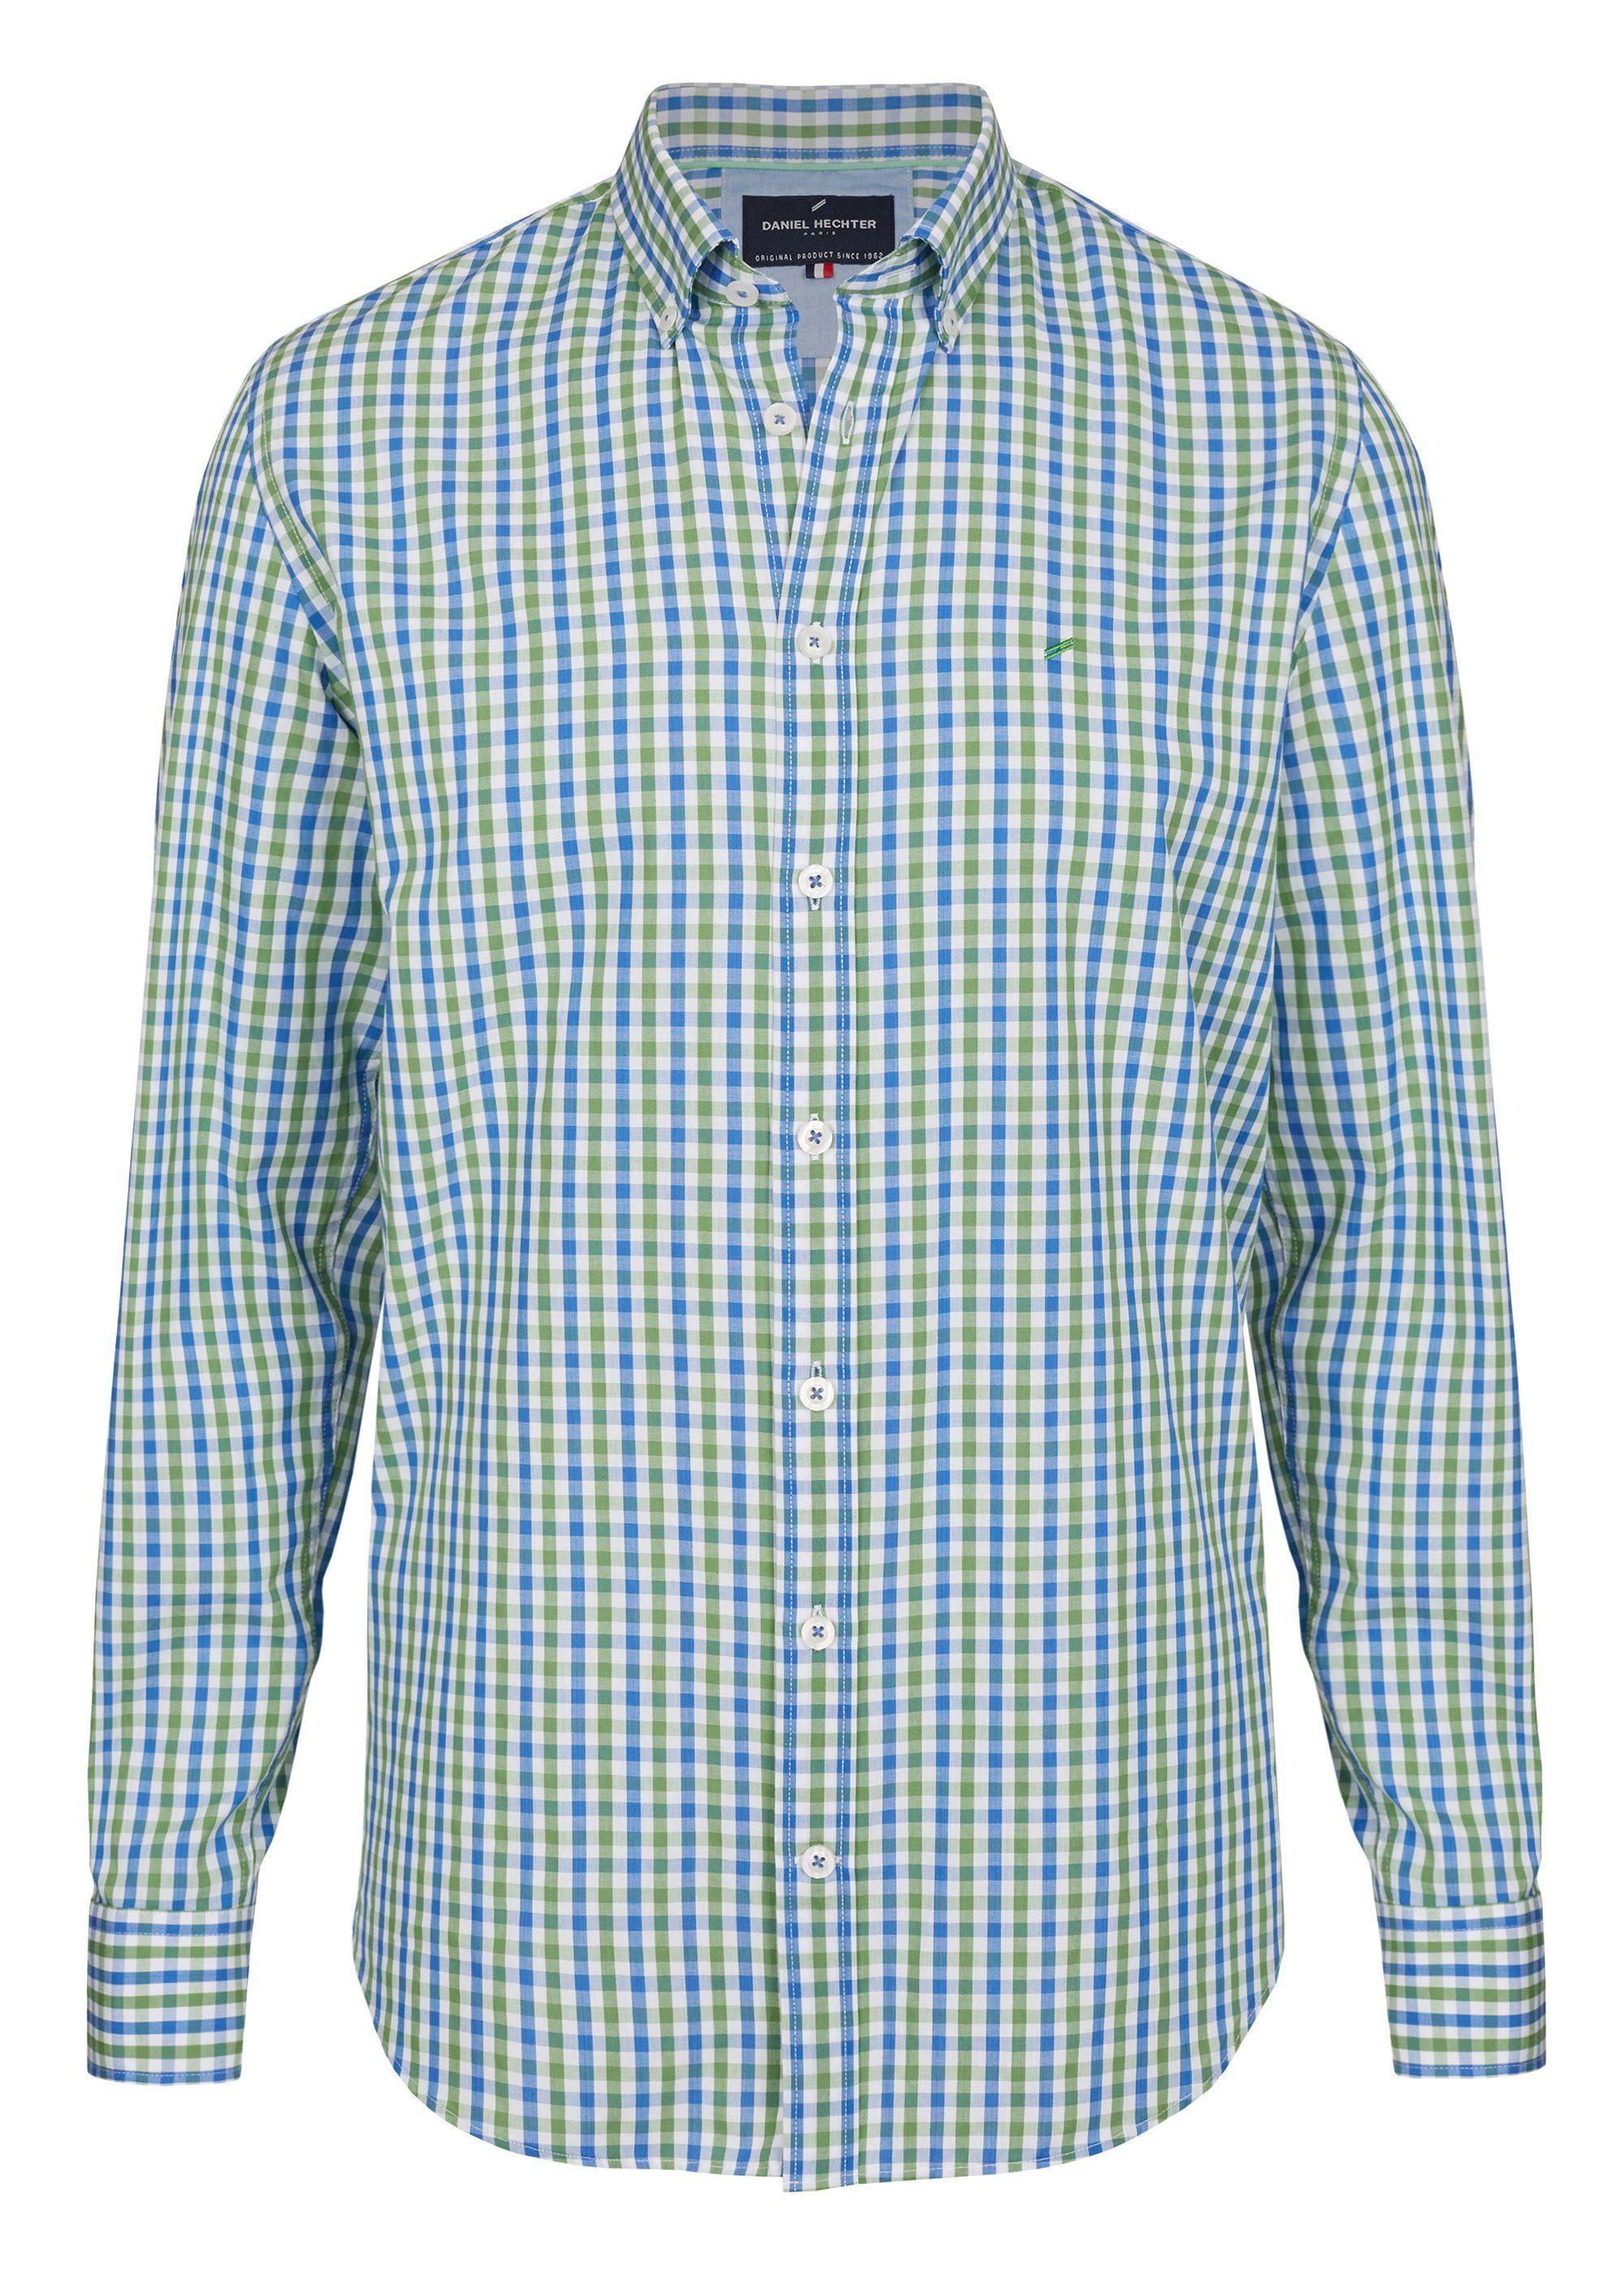 Daniel Hechter Sportives Freizeithemd mit Karo | Bekleidung > Hemden > Freizeithemden | Grün | Jeans - Baumwolle | DANIEL HECHTER